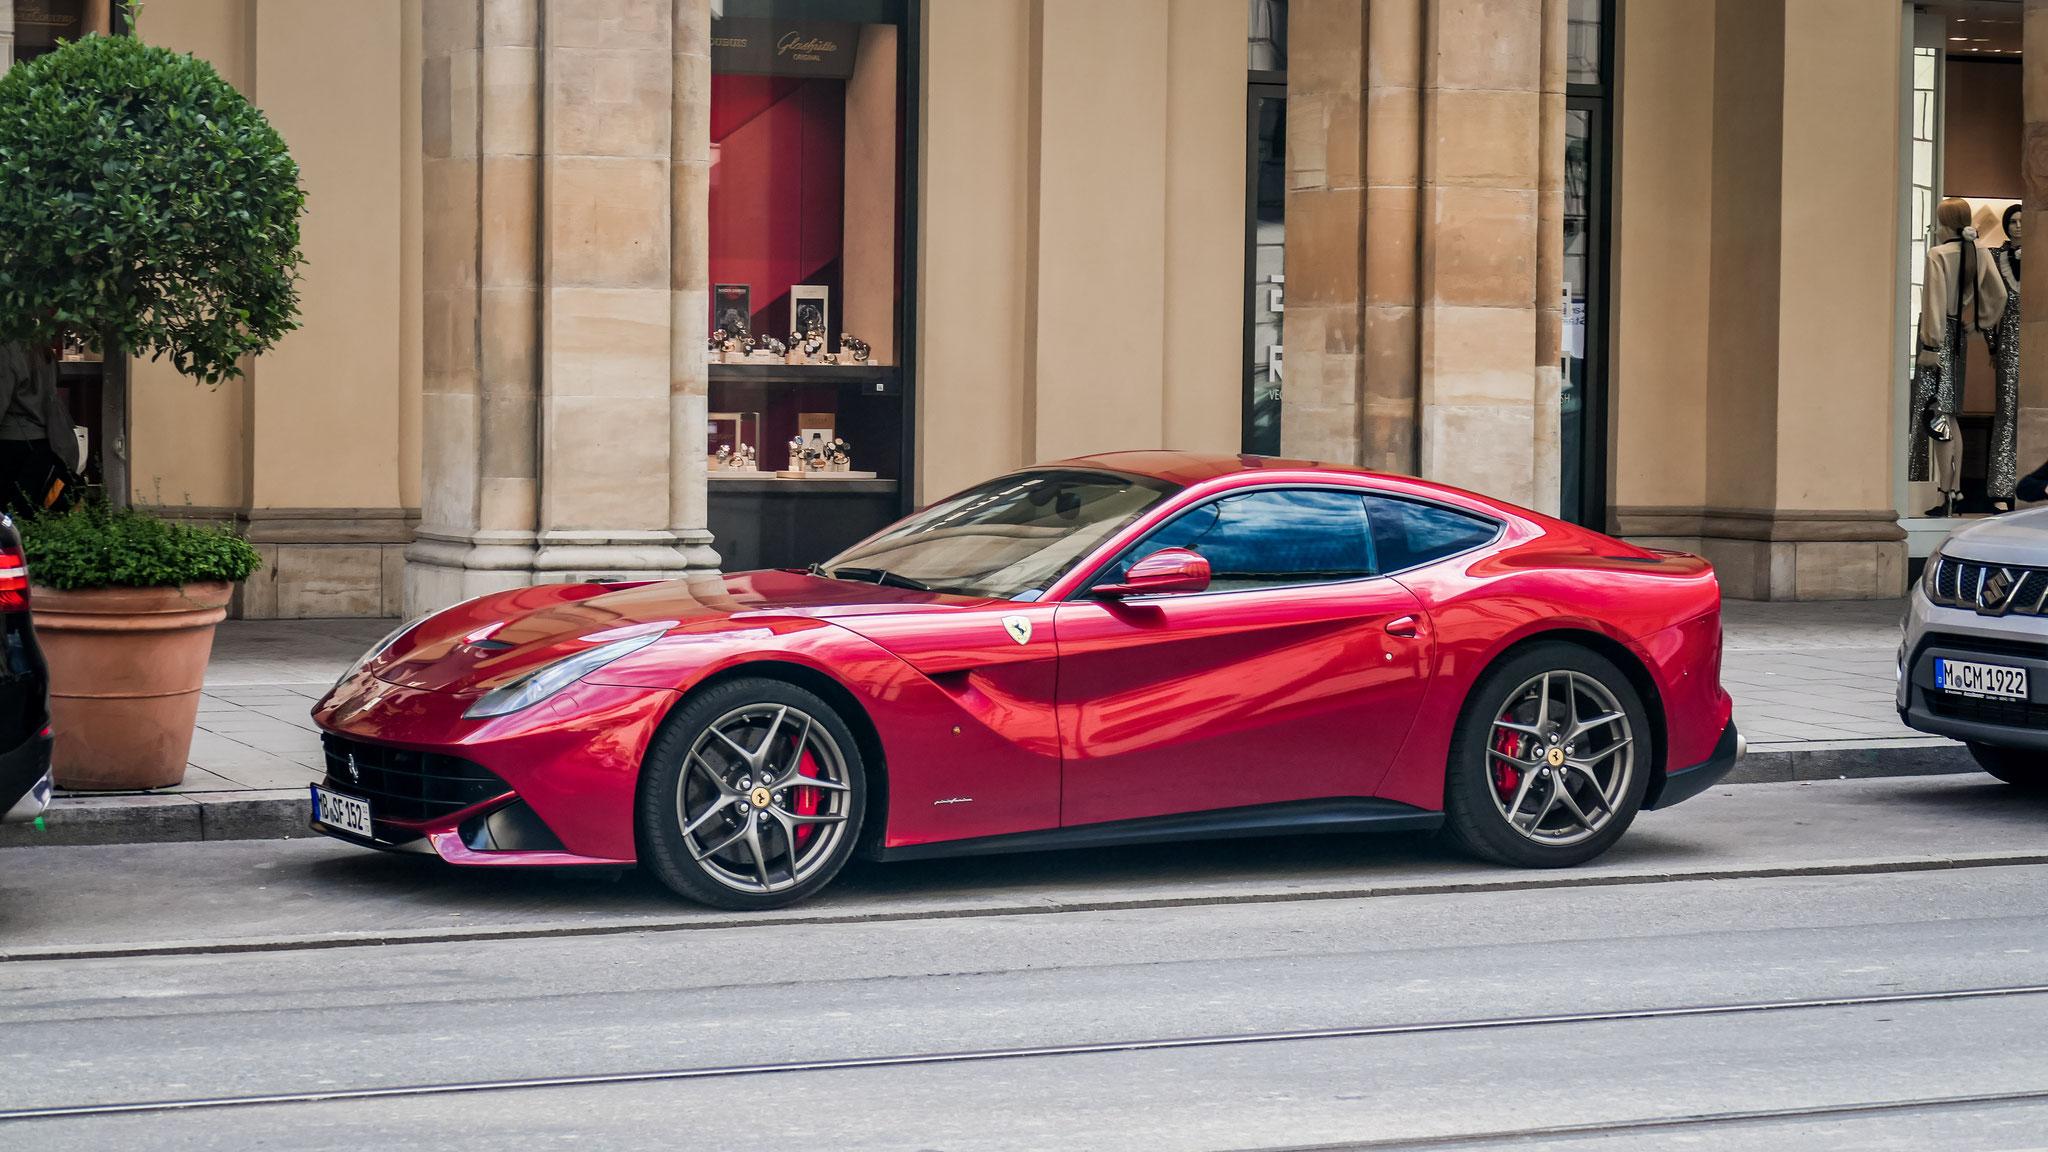 Ferrari F12 Berlinetta - MB-SF-152